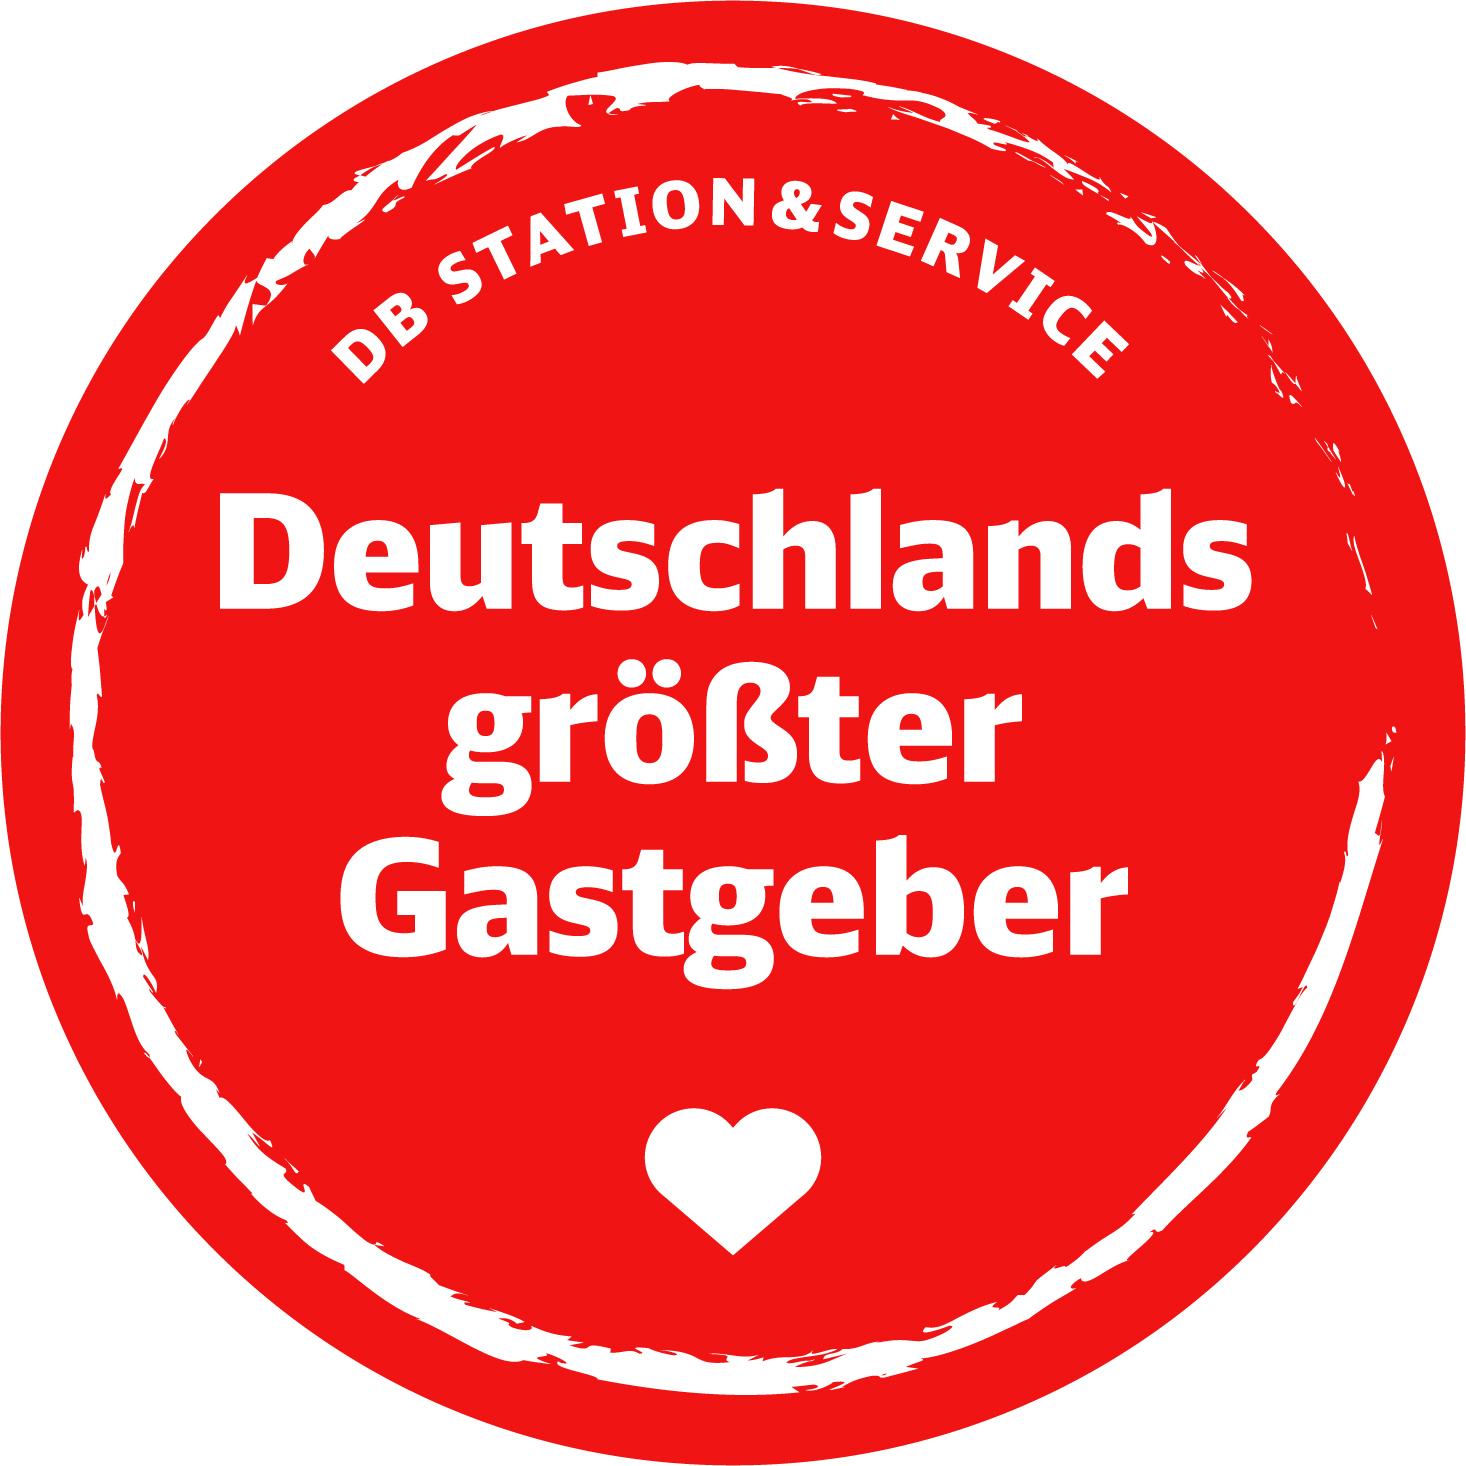 190121_DB_Station_und_Service_Siegel_Herz_2